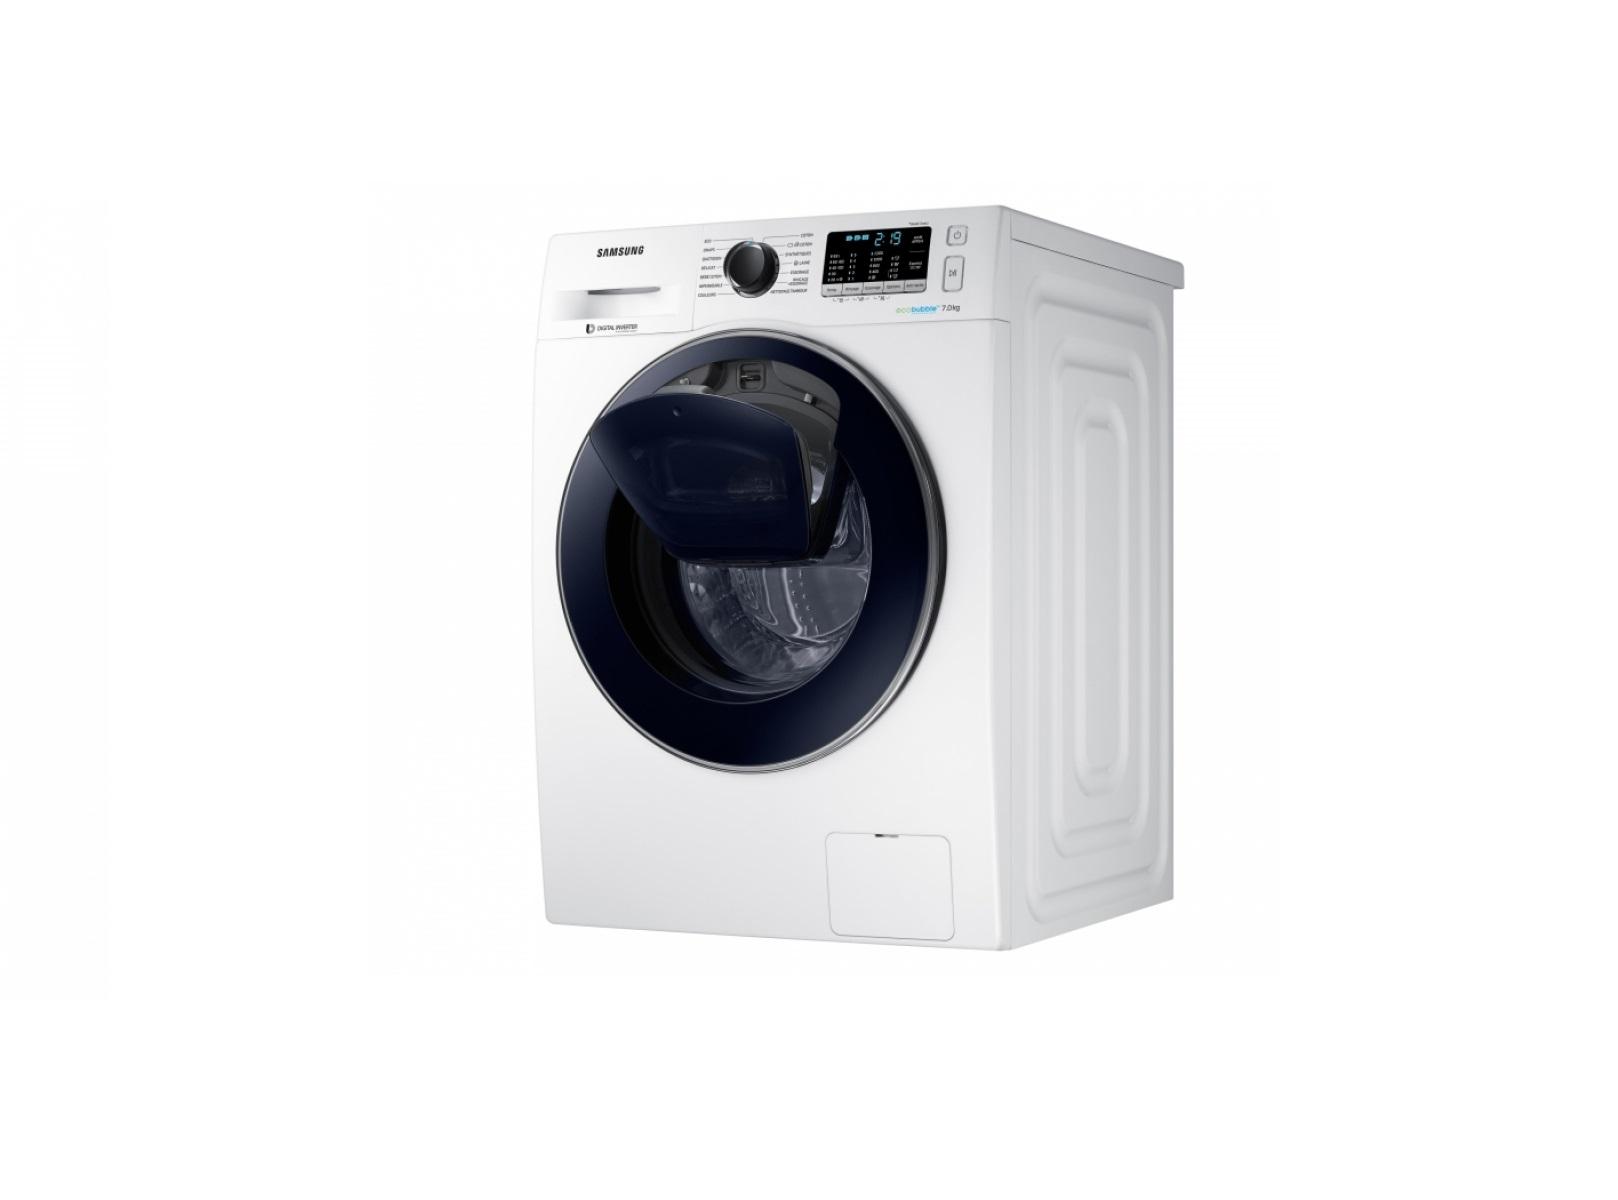 Samsung masina za pranje vesa WW70K5210UW1AD